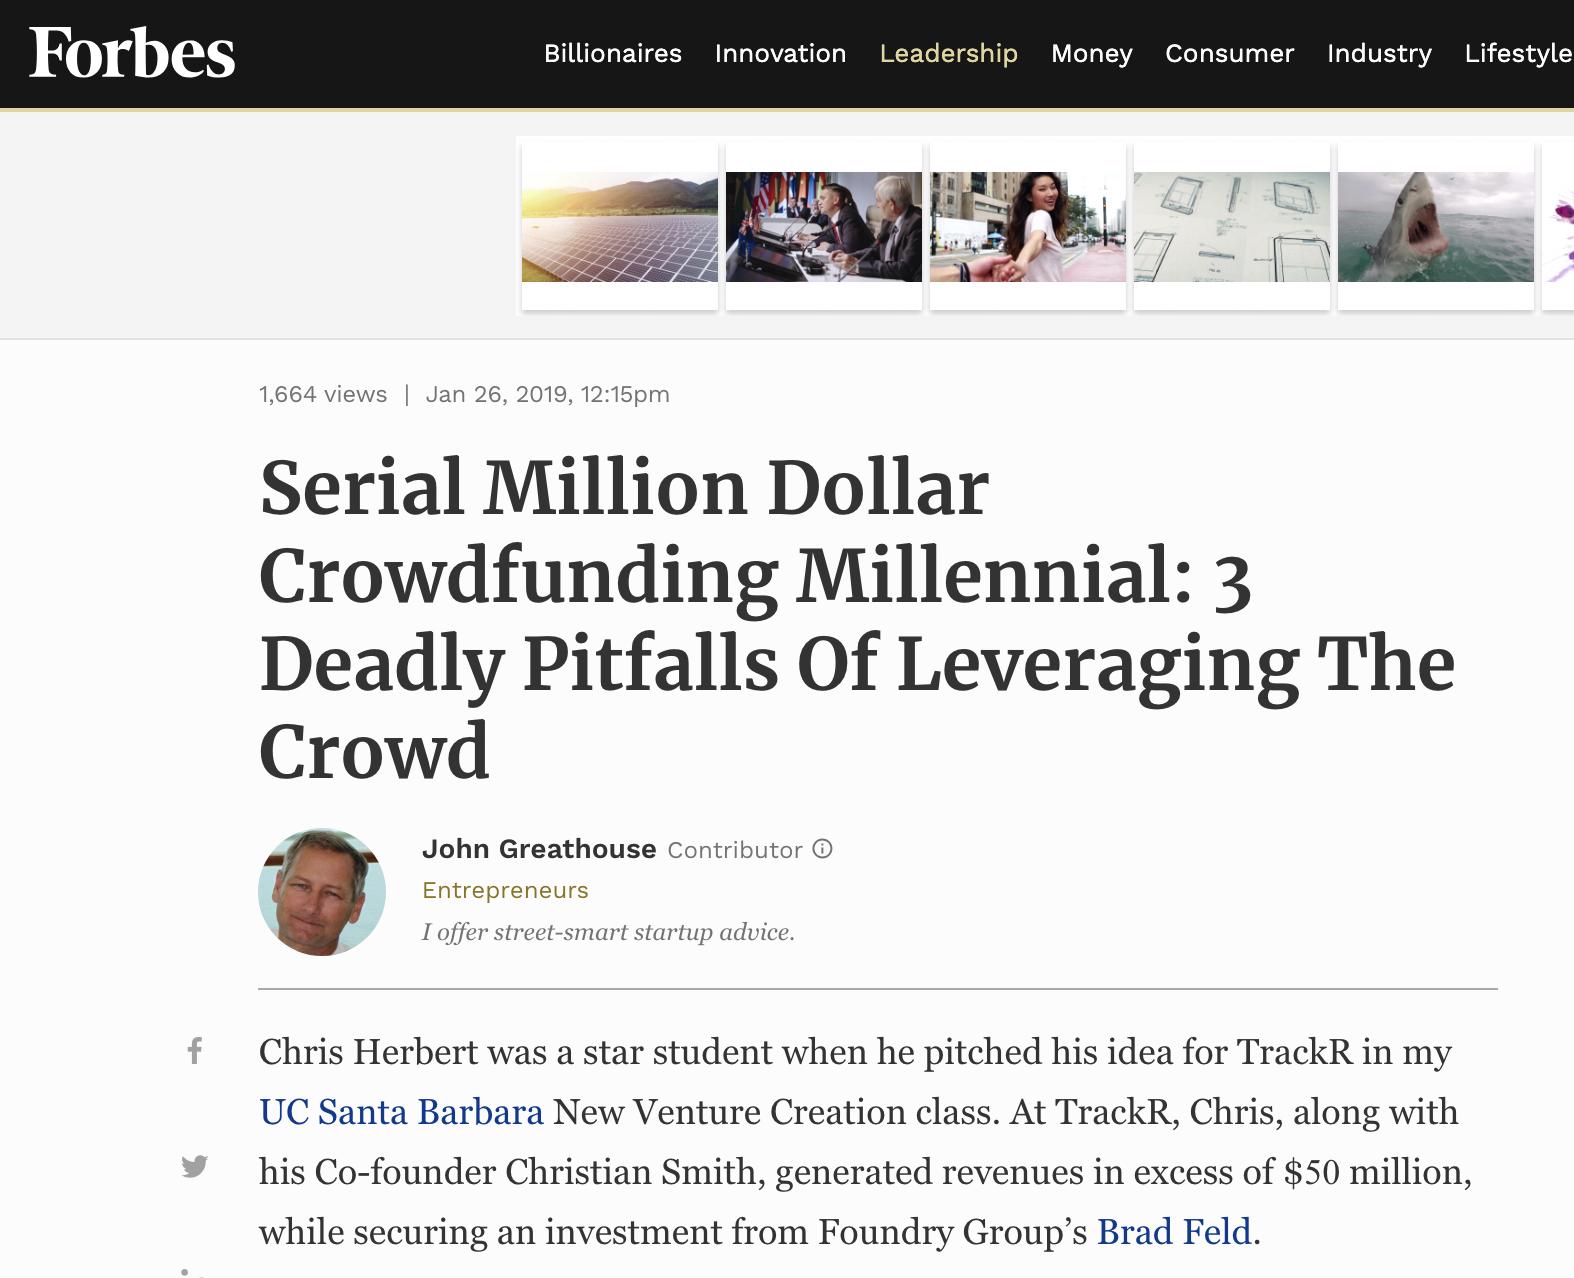 EarlyBirdStudios_Forbes_Headline_2019.png